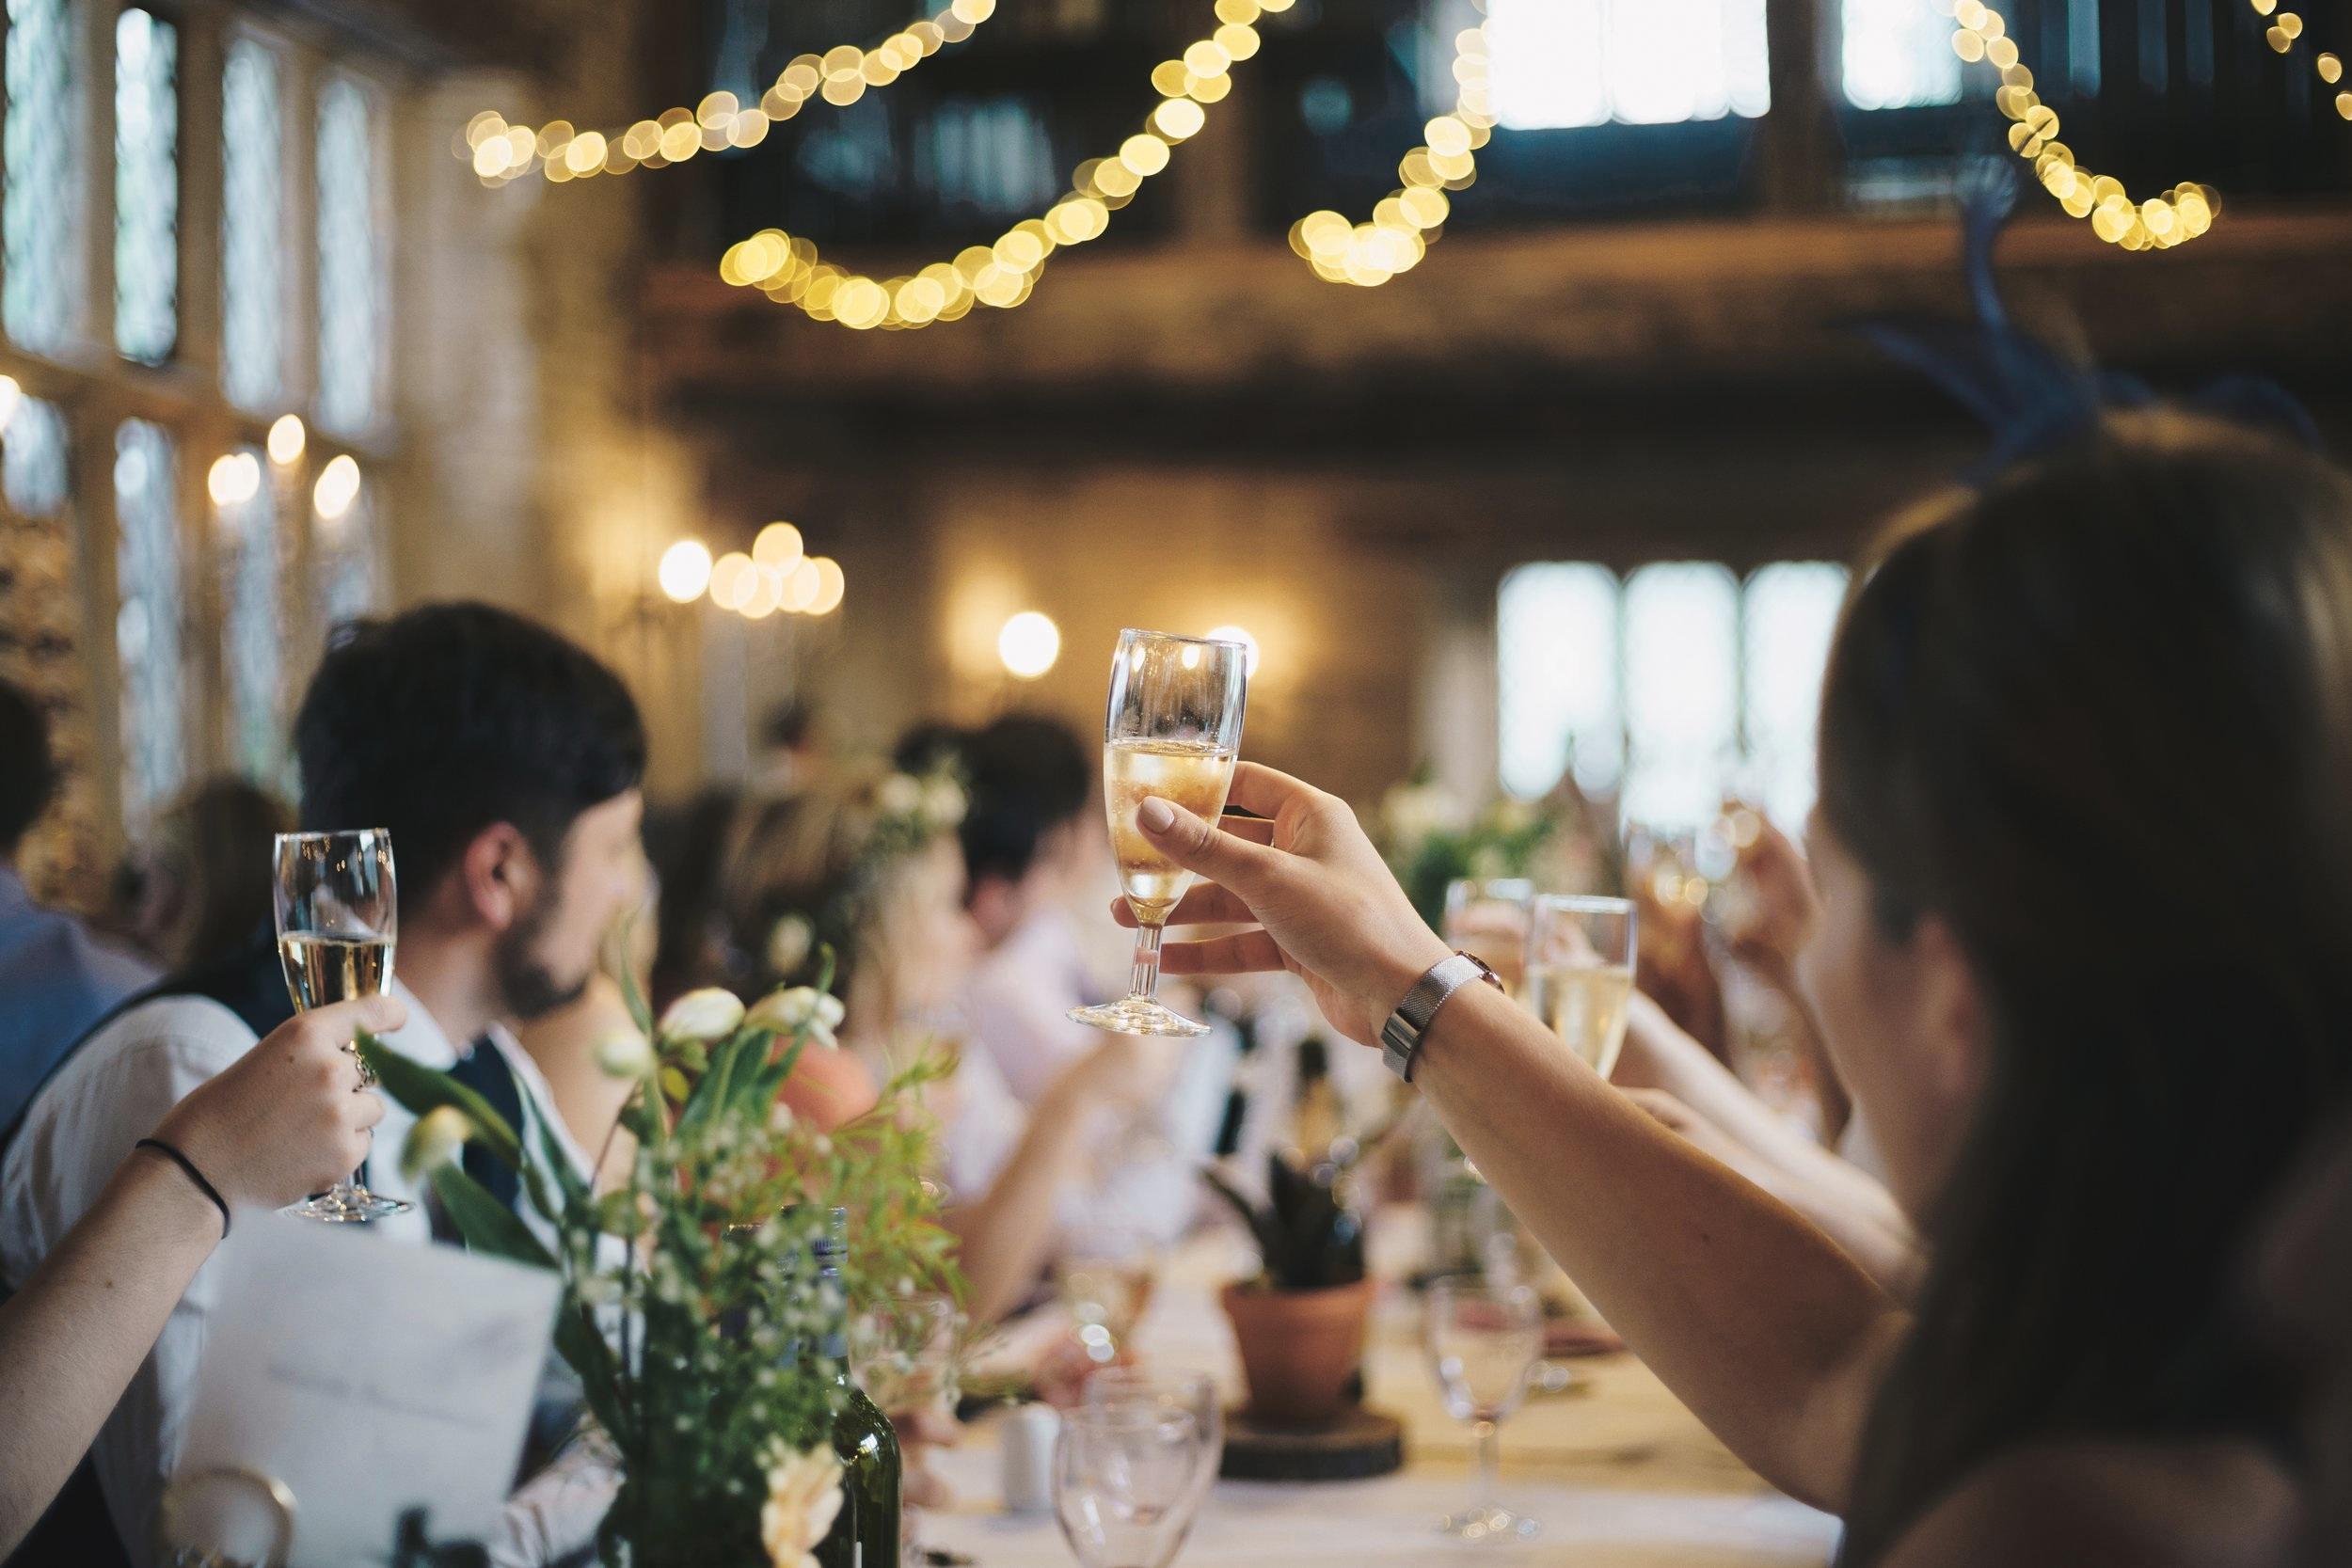 Yndlingssangen spiller gerne op til fællessang. Sanggaven er til fest, konfirmation, reception.